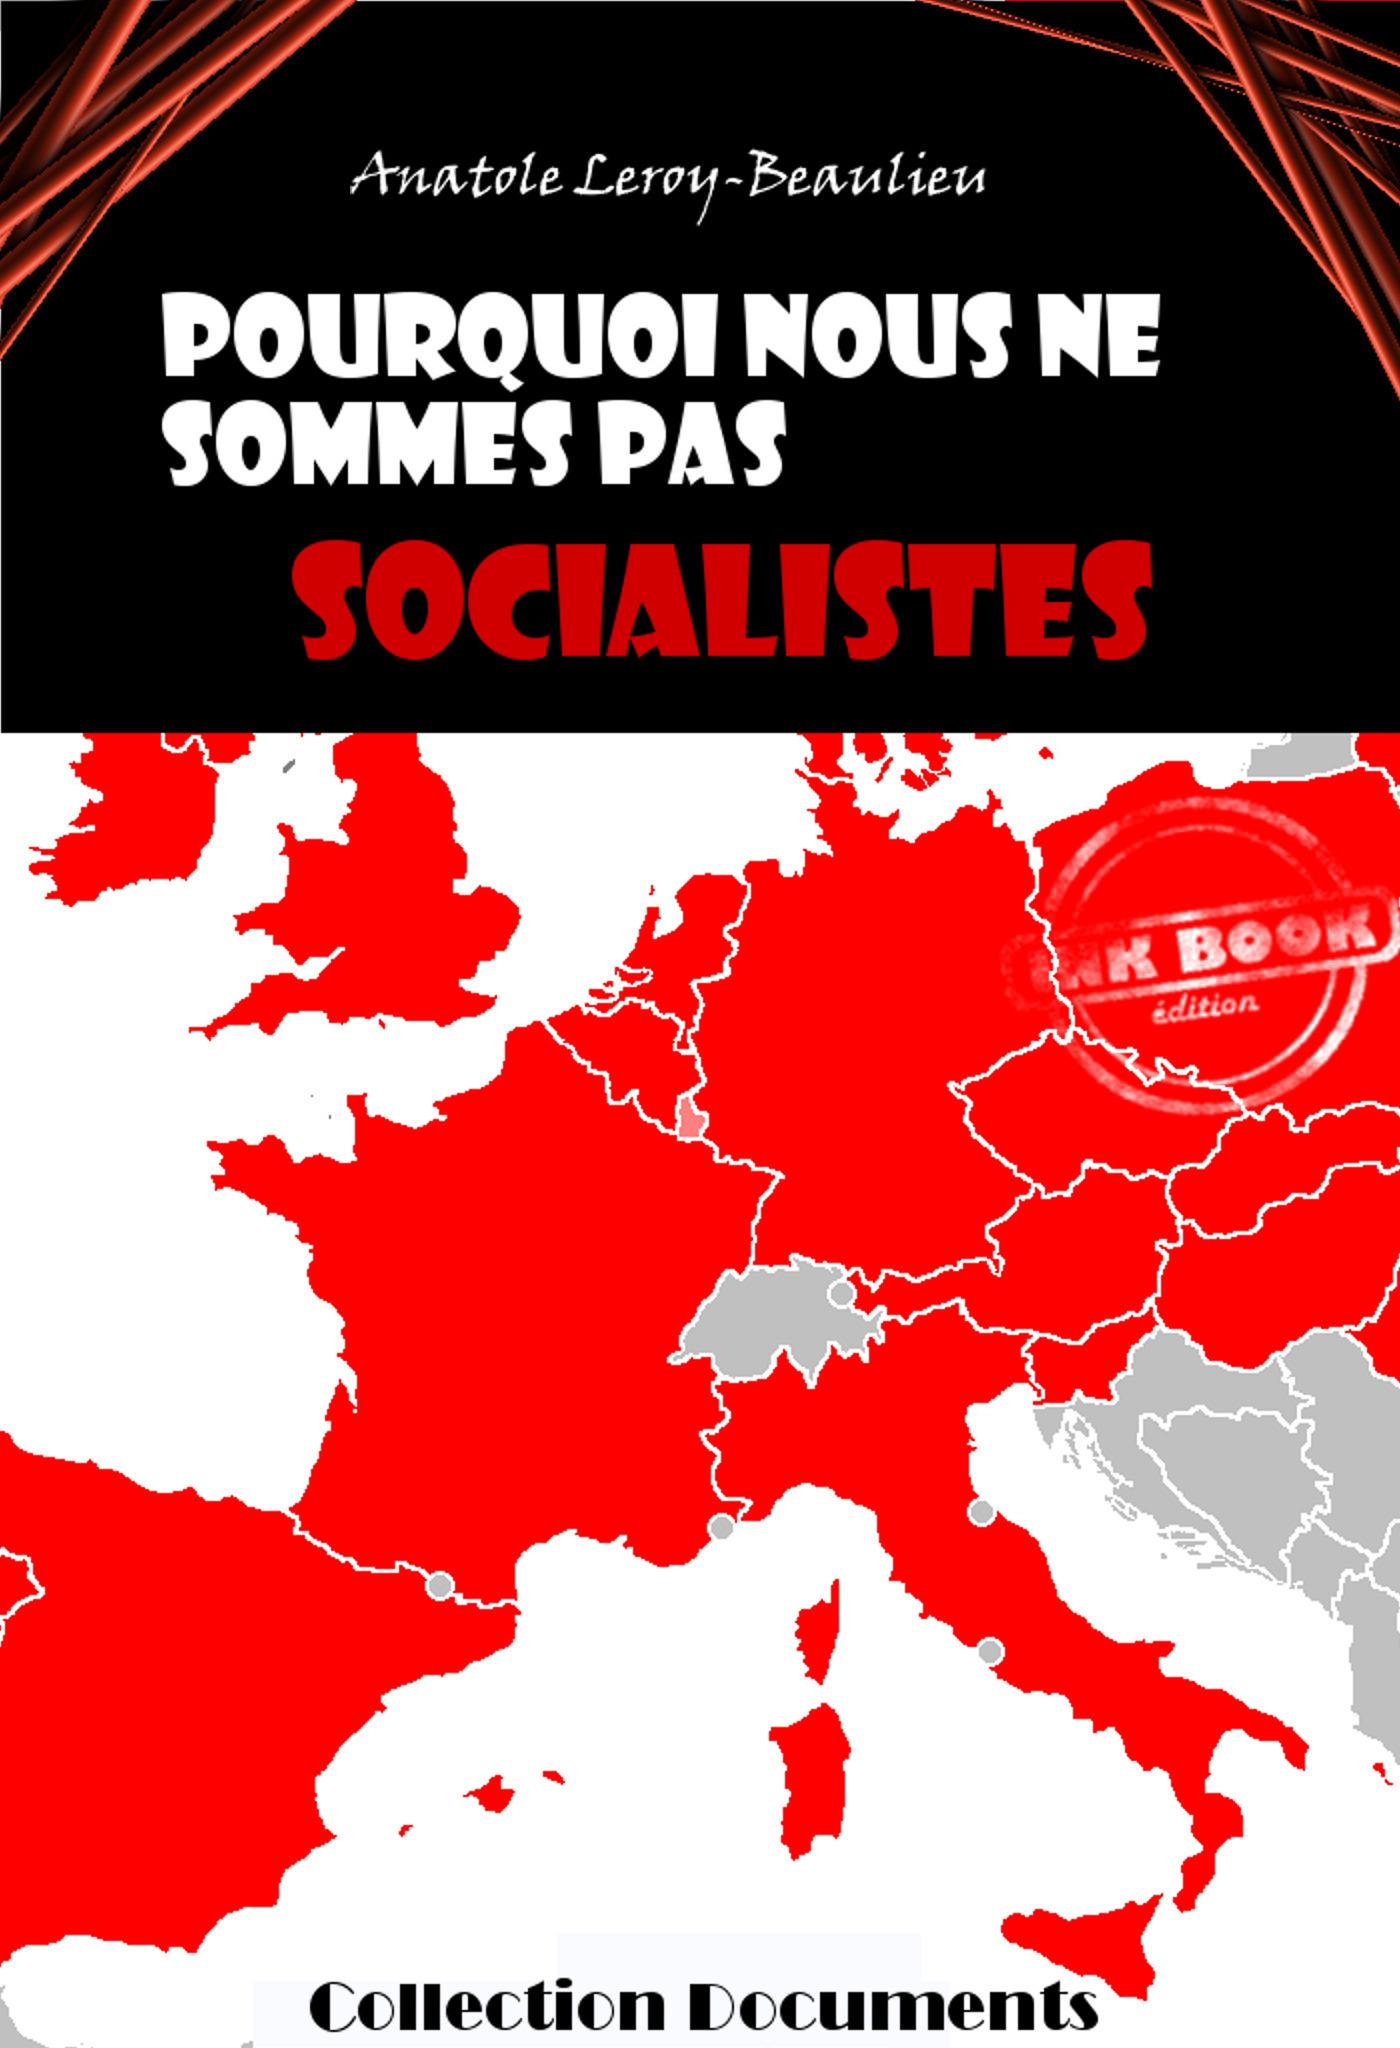 Pourquoi nous ne sommes pas socialistes